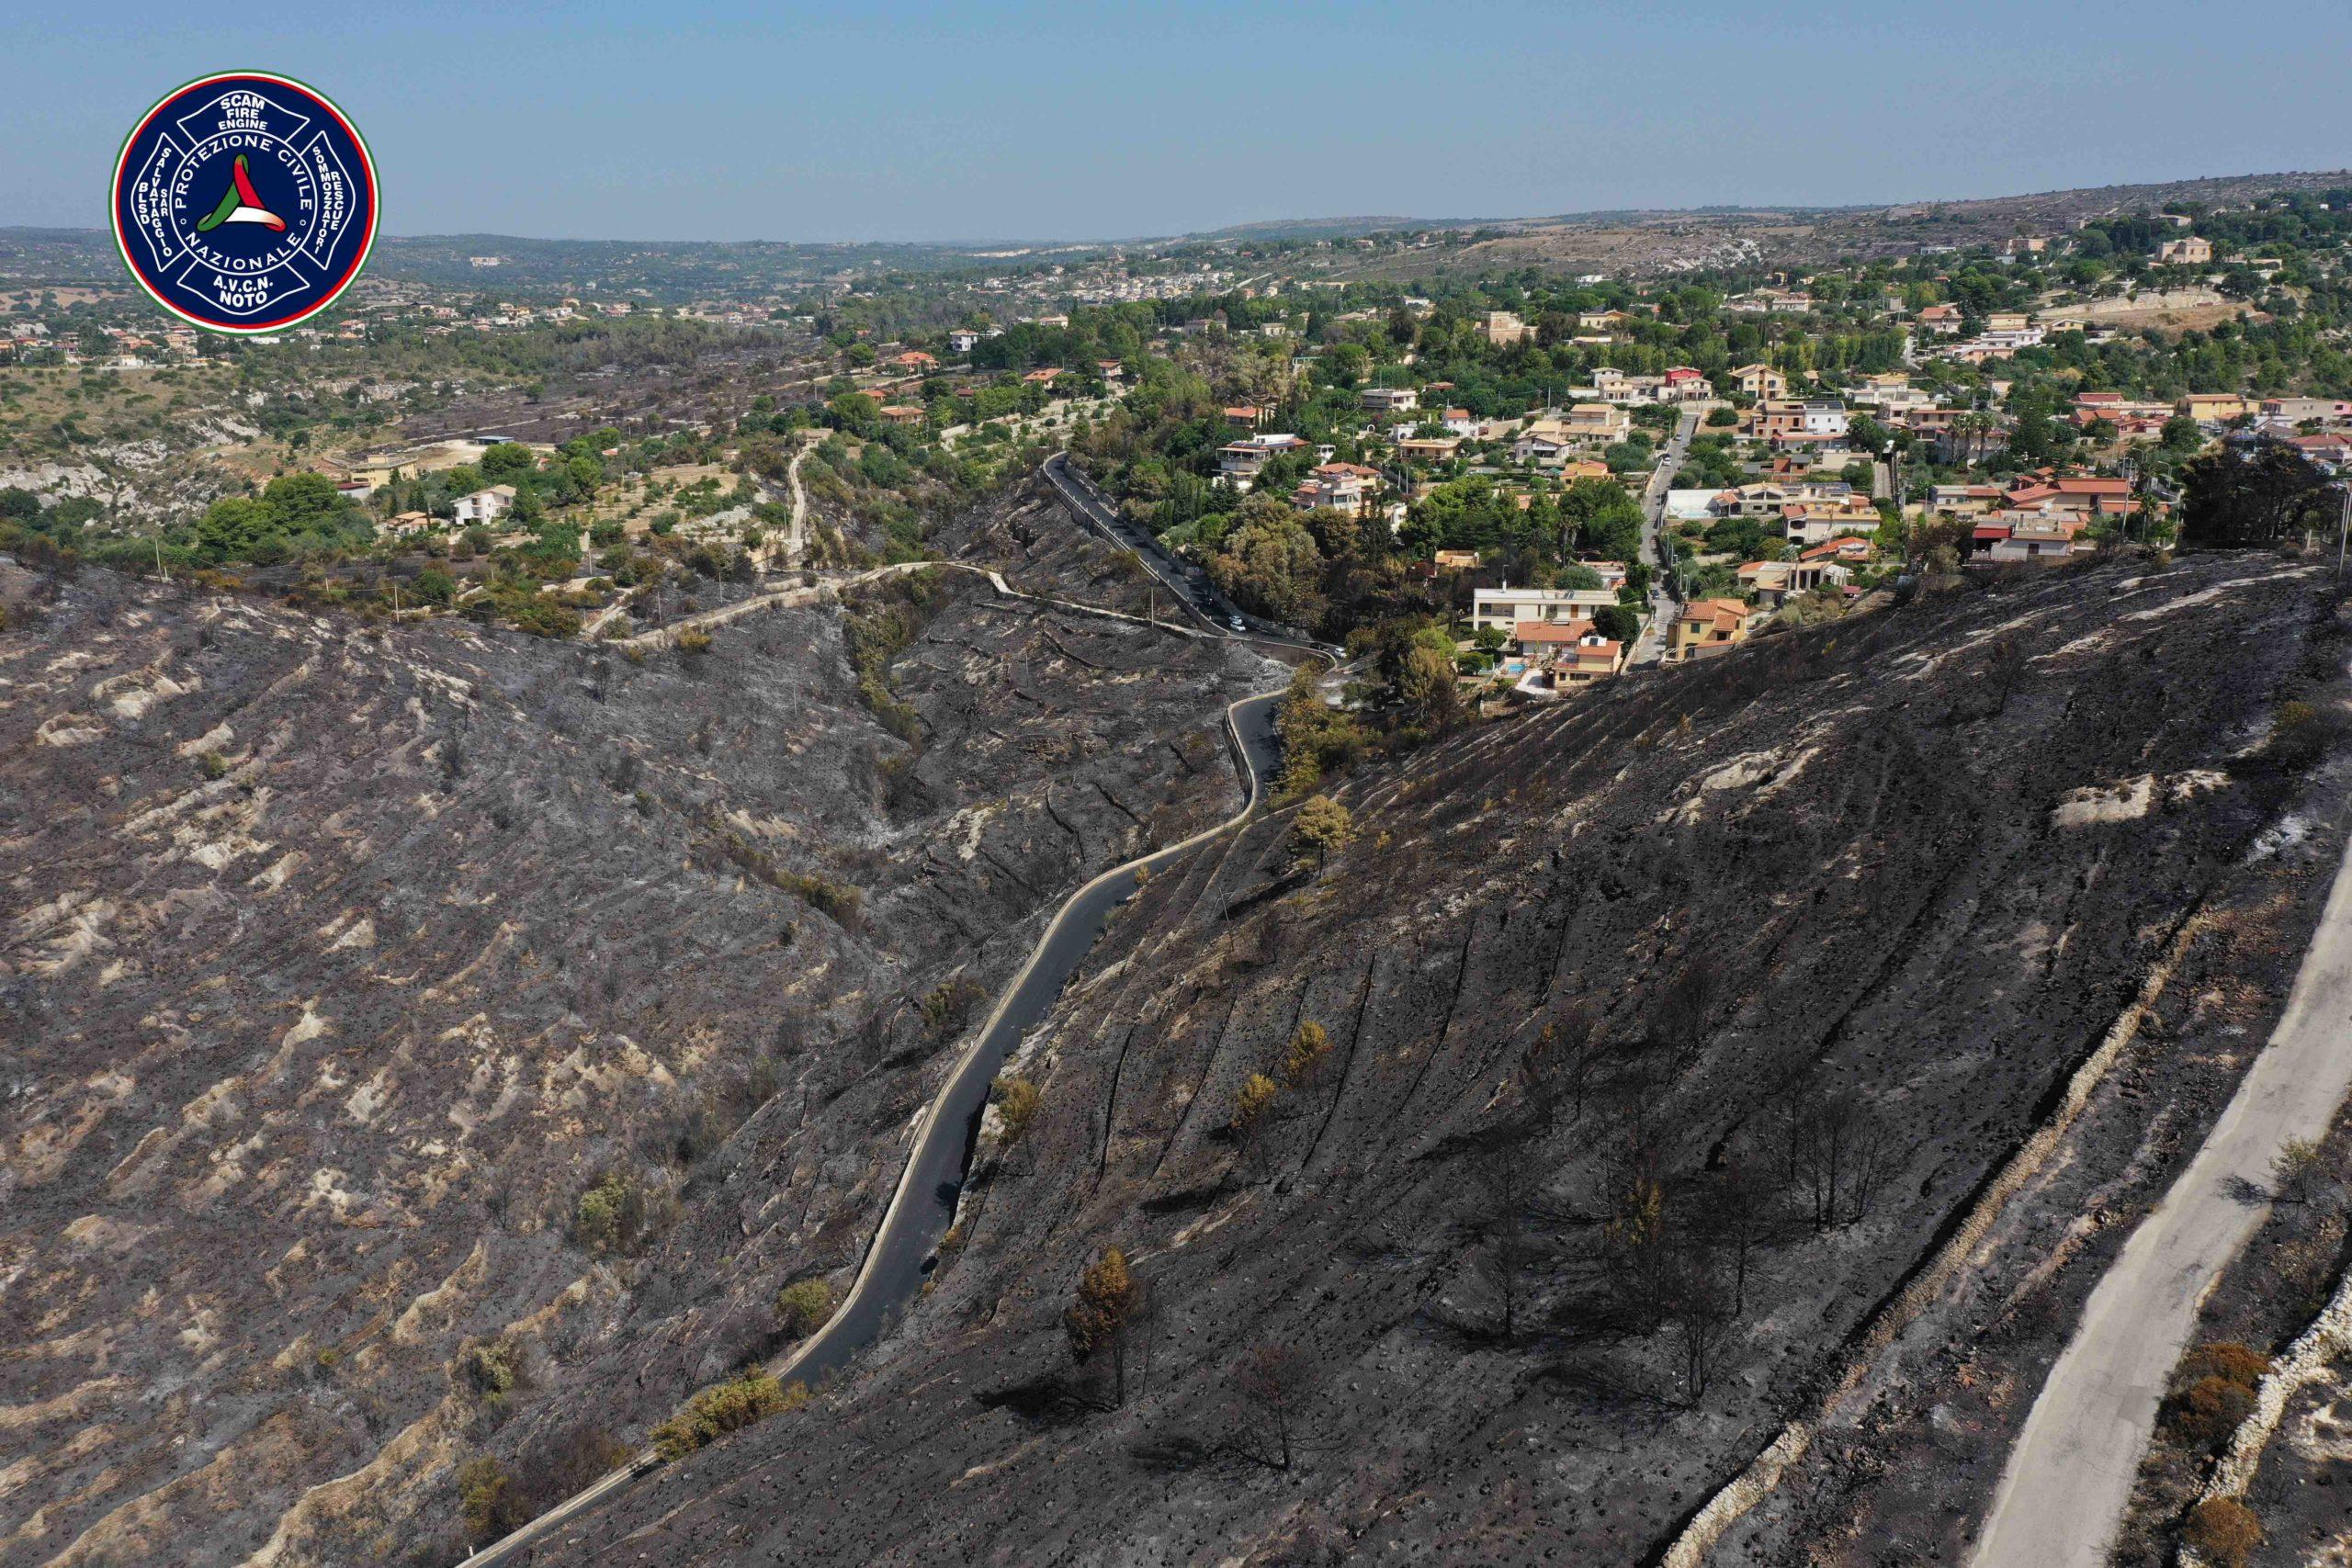 Protezione Civile di Noto, droni in volo per contenere gli incendi boschivi